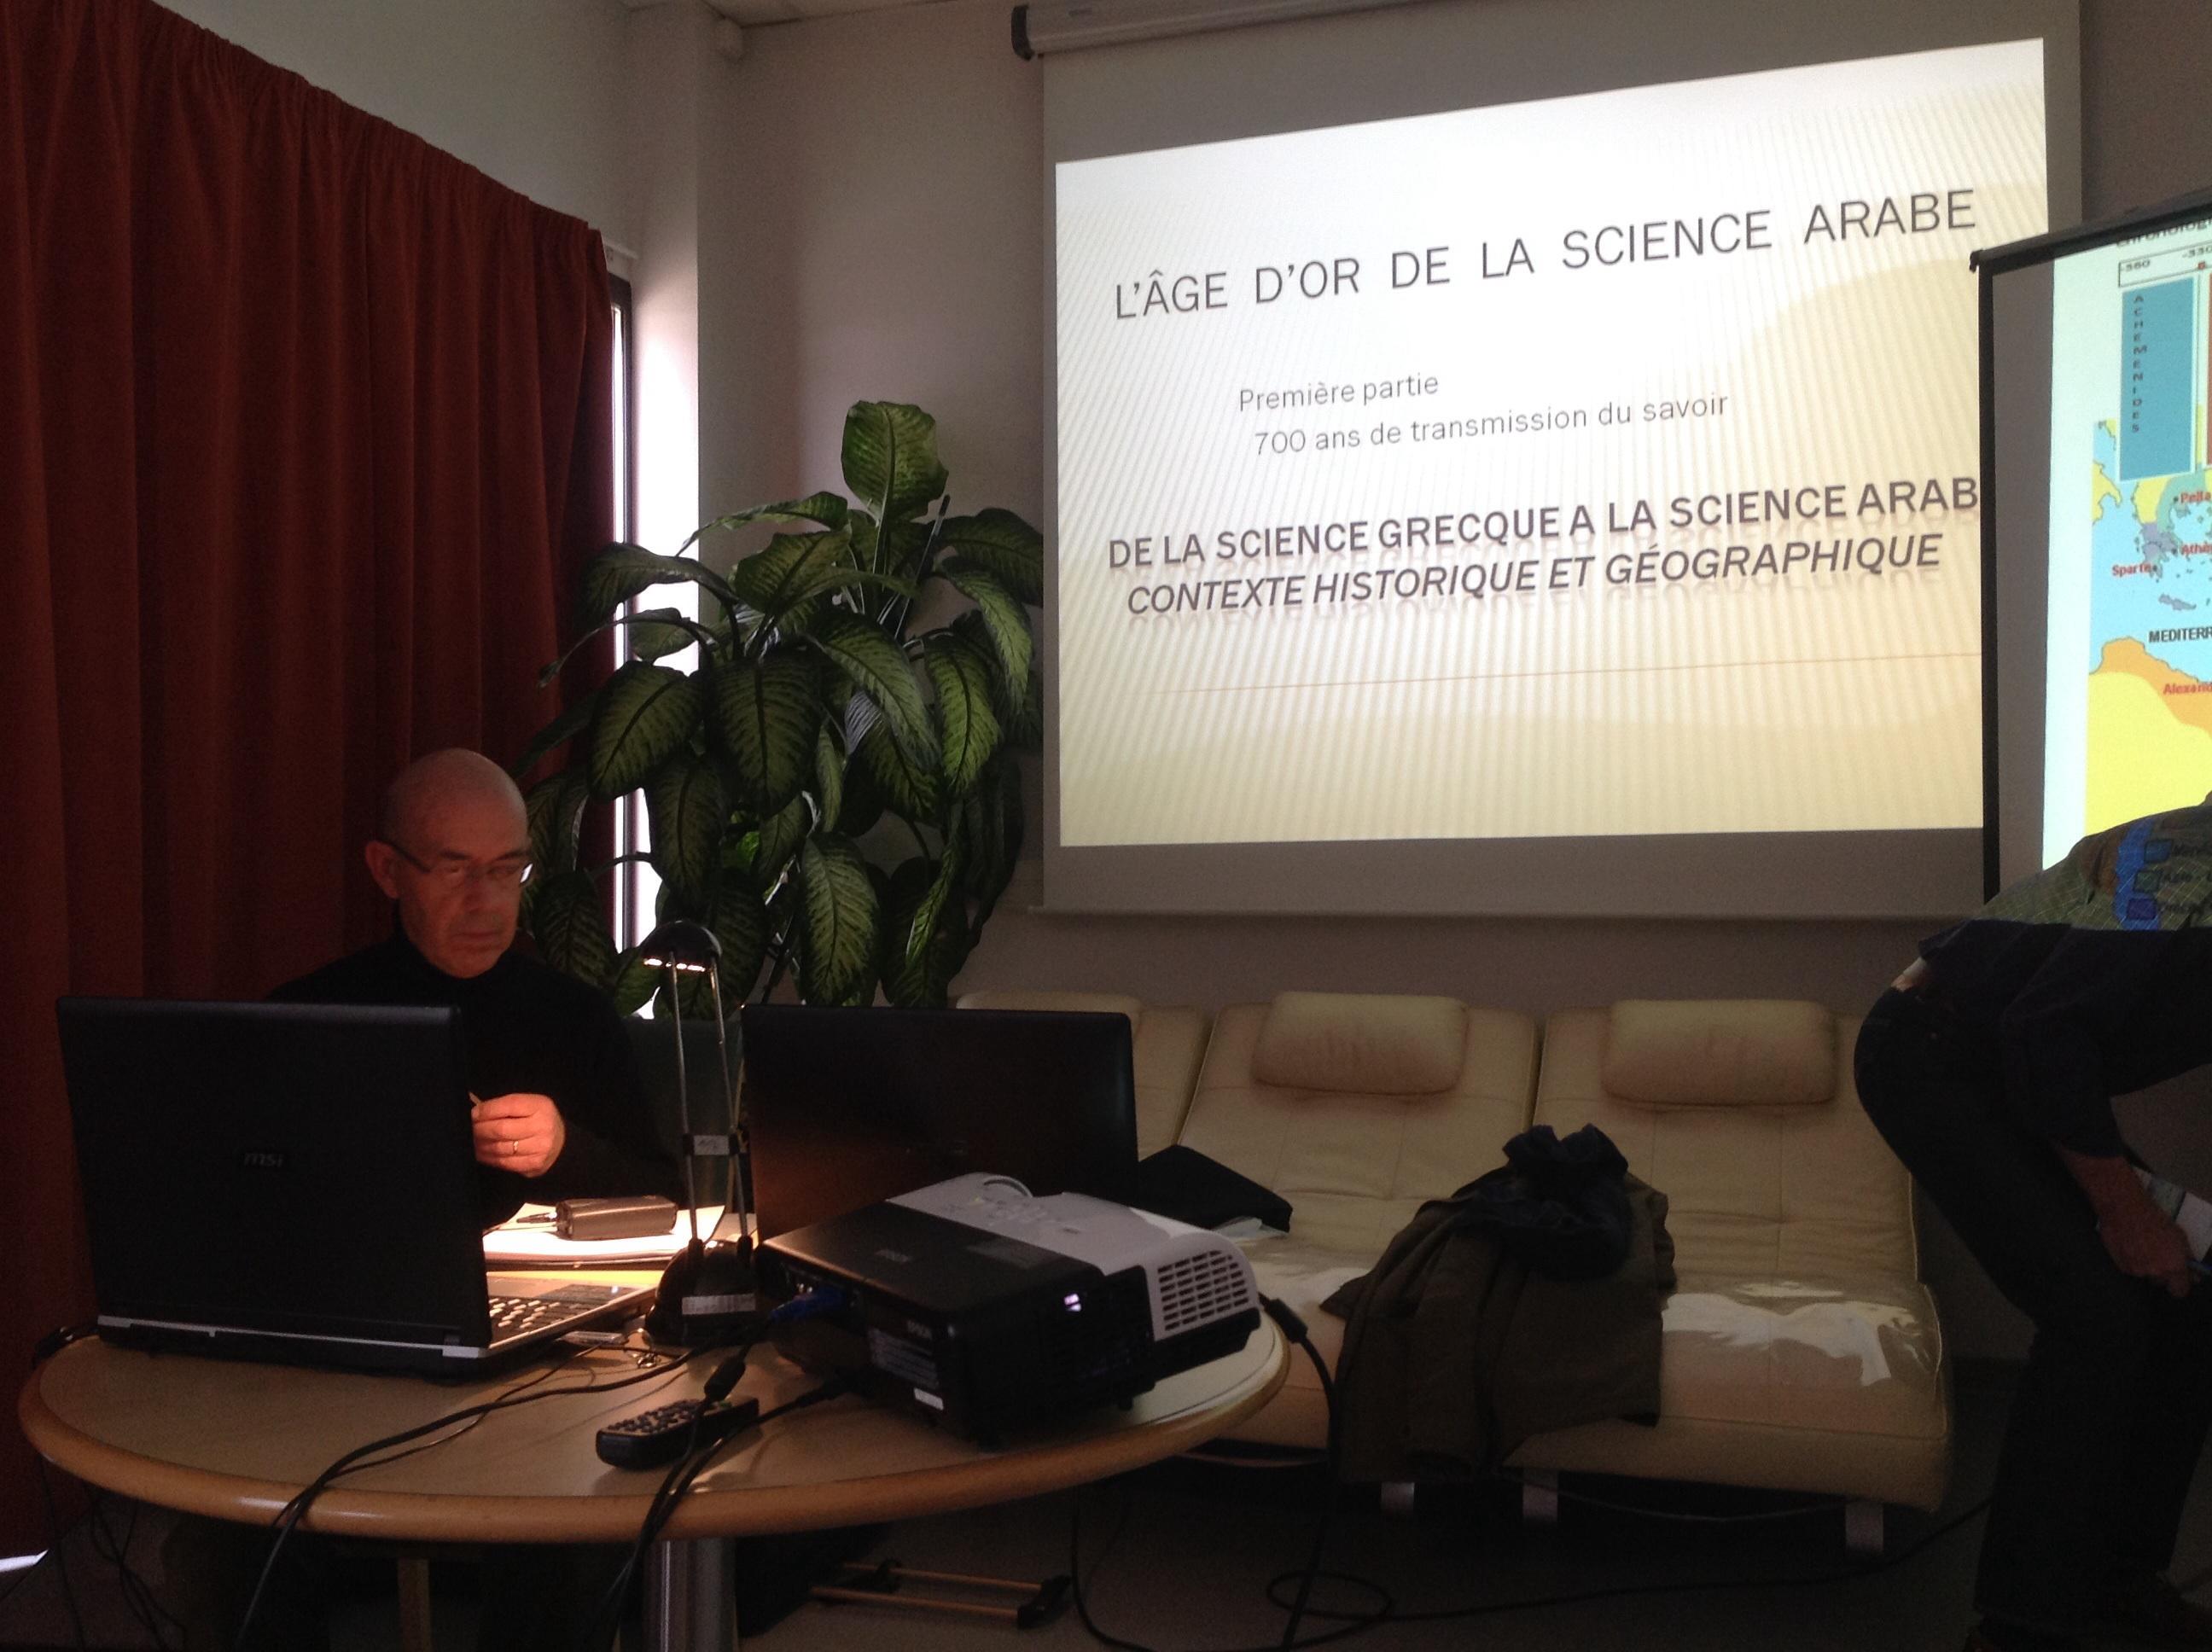 Le 24.2.15, Jean-Marc Fournier nous a passionné sur l'âge d'or de la science arabe.